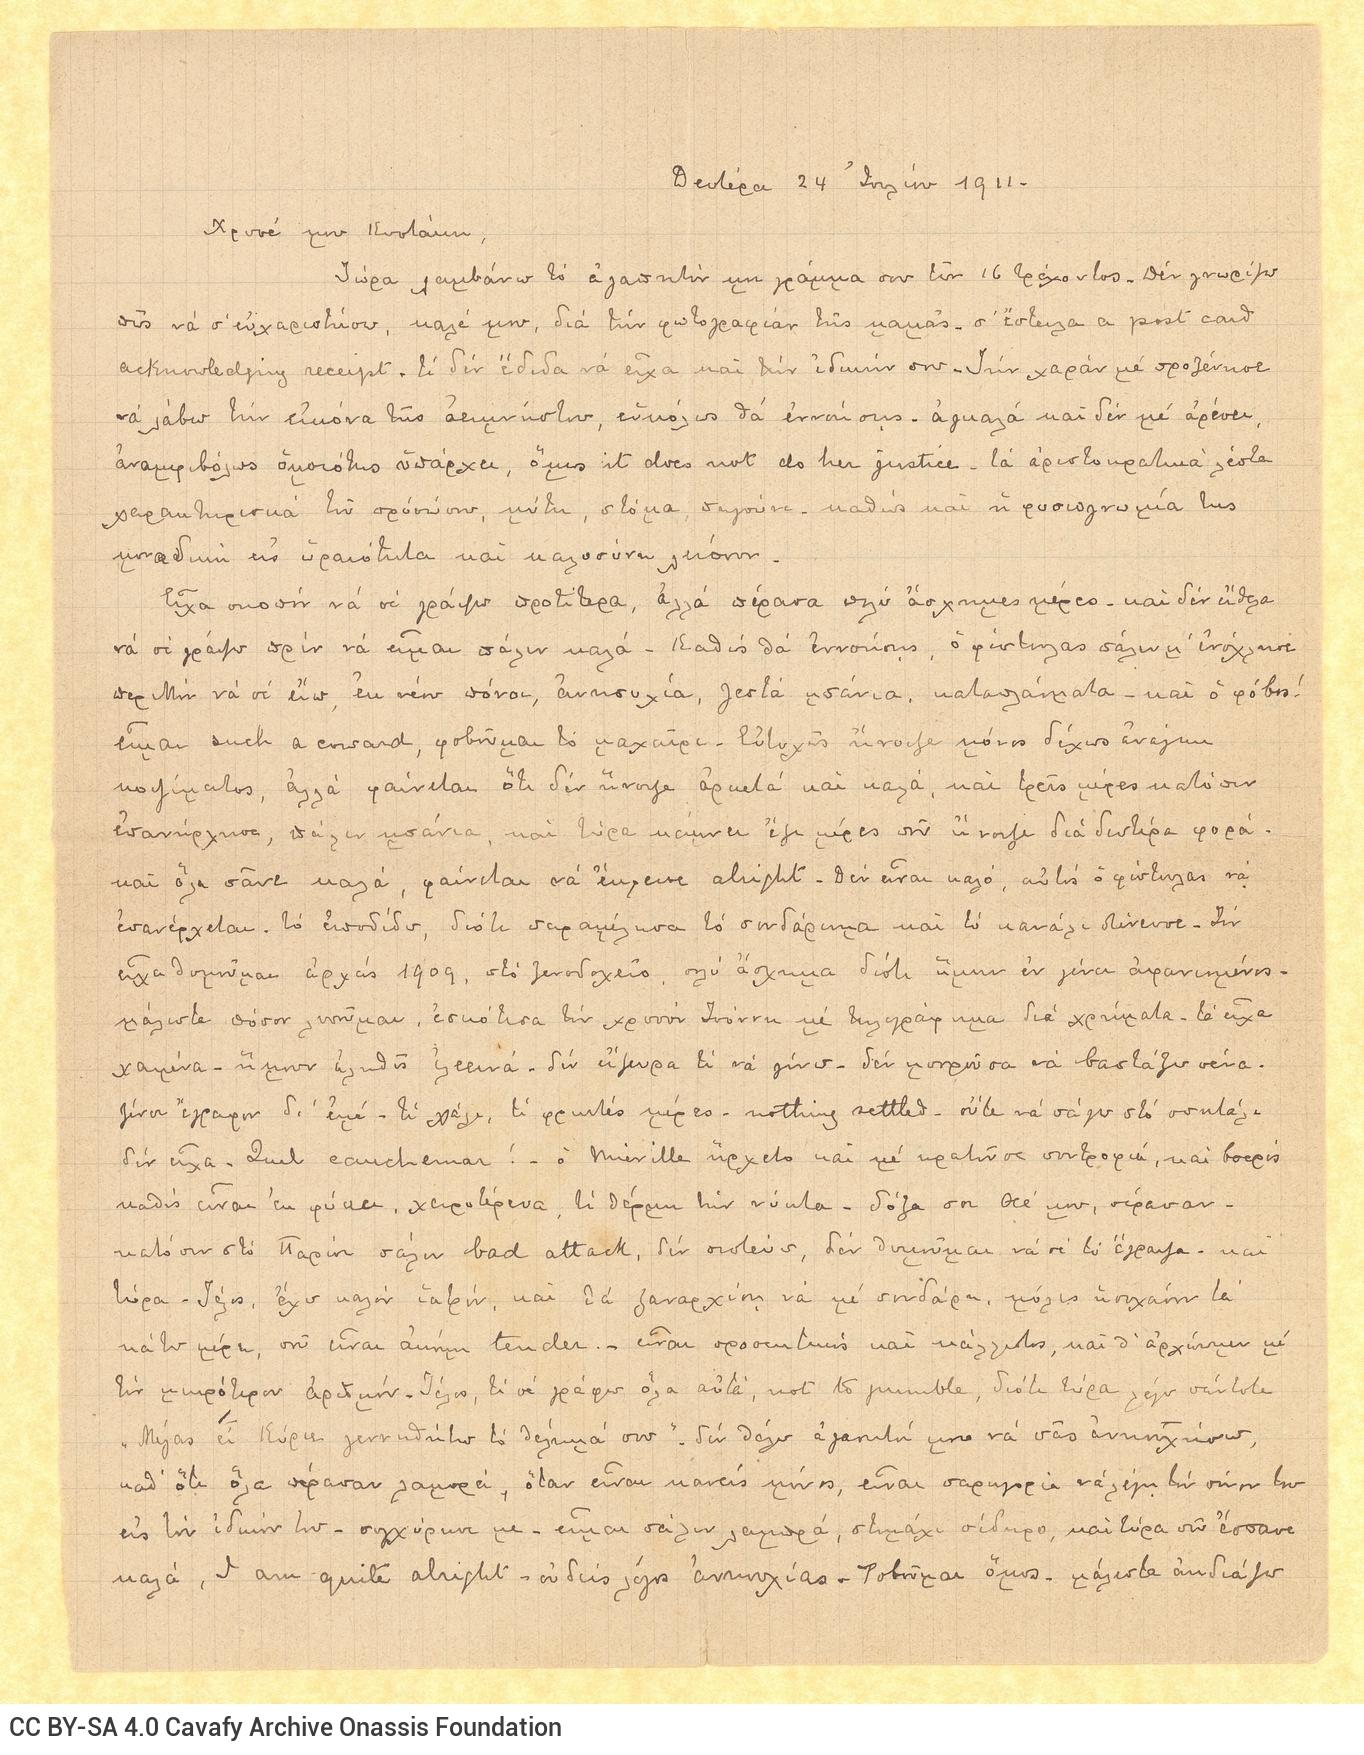 Χειρόγραφη επιστολή του Παύλου Καβάφη προς τον Κ. Π. Καβάφη στις δύο �